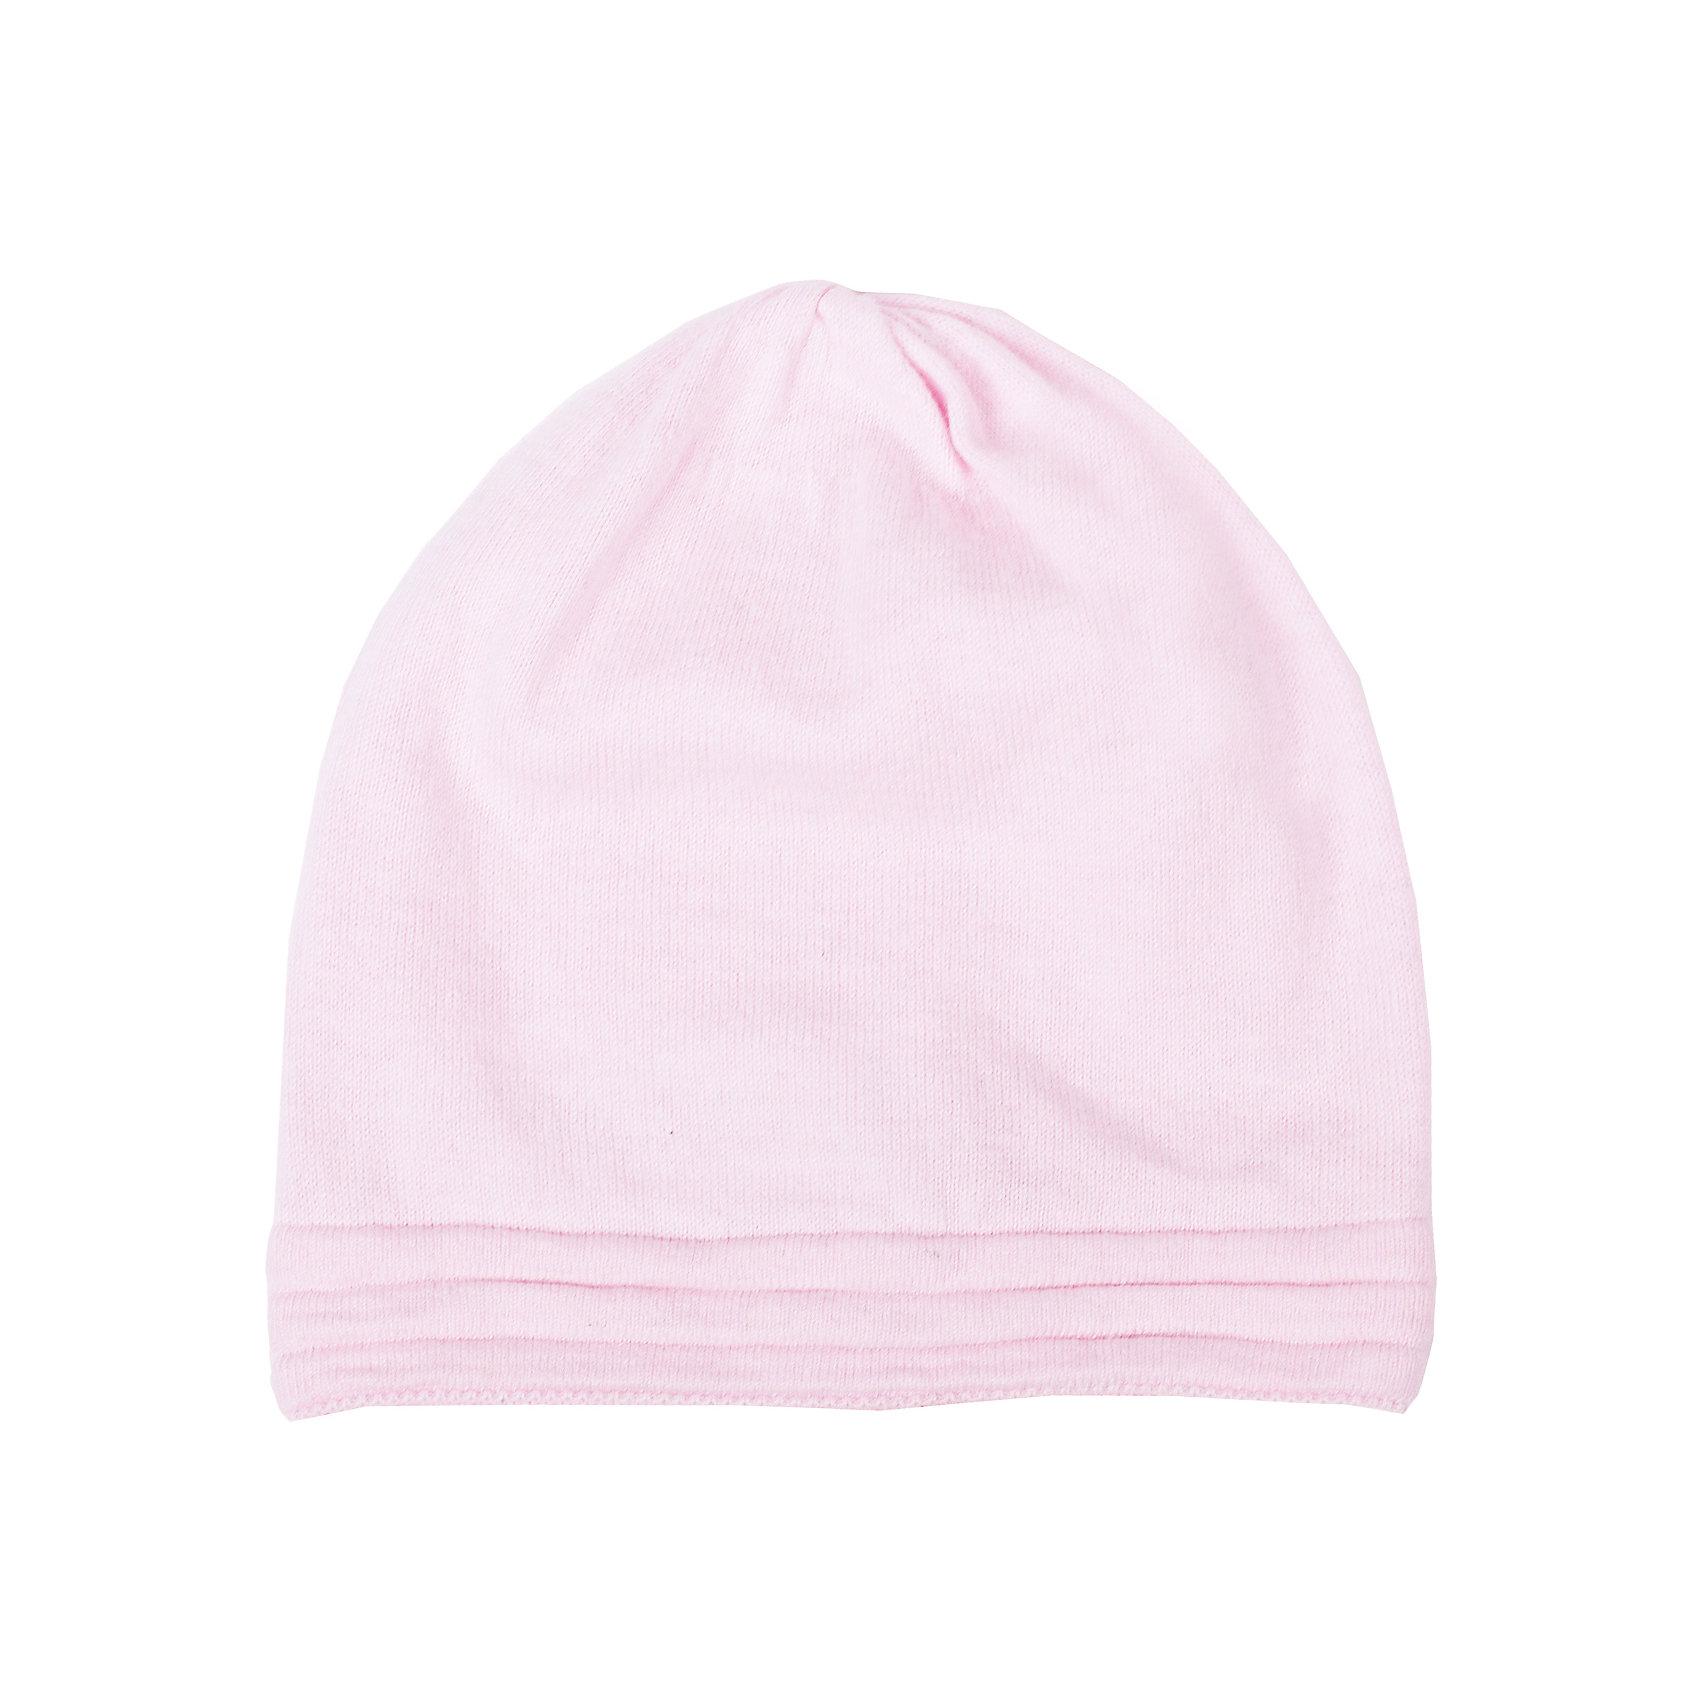 Шапка для девочки GulliverГоловные уборы<br>Стильная вязаная шапка отлично дополнит повседневный образ ребенка. Мягкая, легкая, комфортная, она отлично разместится в кармане пальто и пиджака, чтобы в любой момент защитить модницу от непогоды и ветра.<br>Состав:<br>80% хлопок             20% вискоза<br><br>Ширина мм: 89<br>Глубина мм: 117<br>Высота мм: 44<br>Вес г: 155<br>Цвет: светло-розовый<br>Возраст от месяцев: 48<br>Возраст до месяцев: 72<br>Пол: Женский<br>Возраст: Детский<br>Размер: 52-54,54-56<br>SKU: 4534440